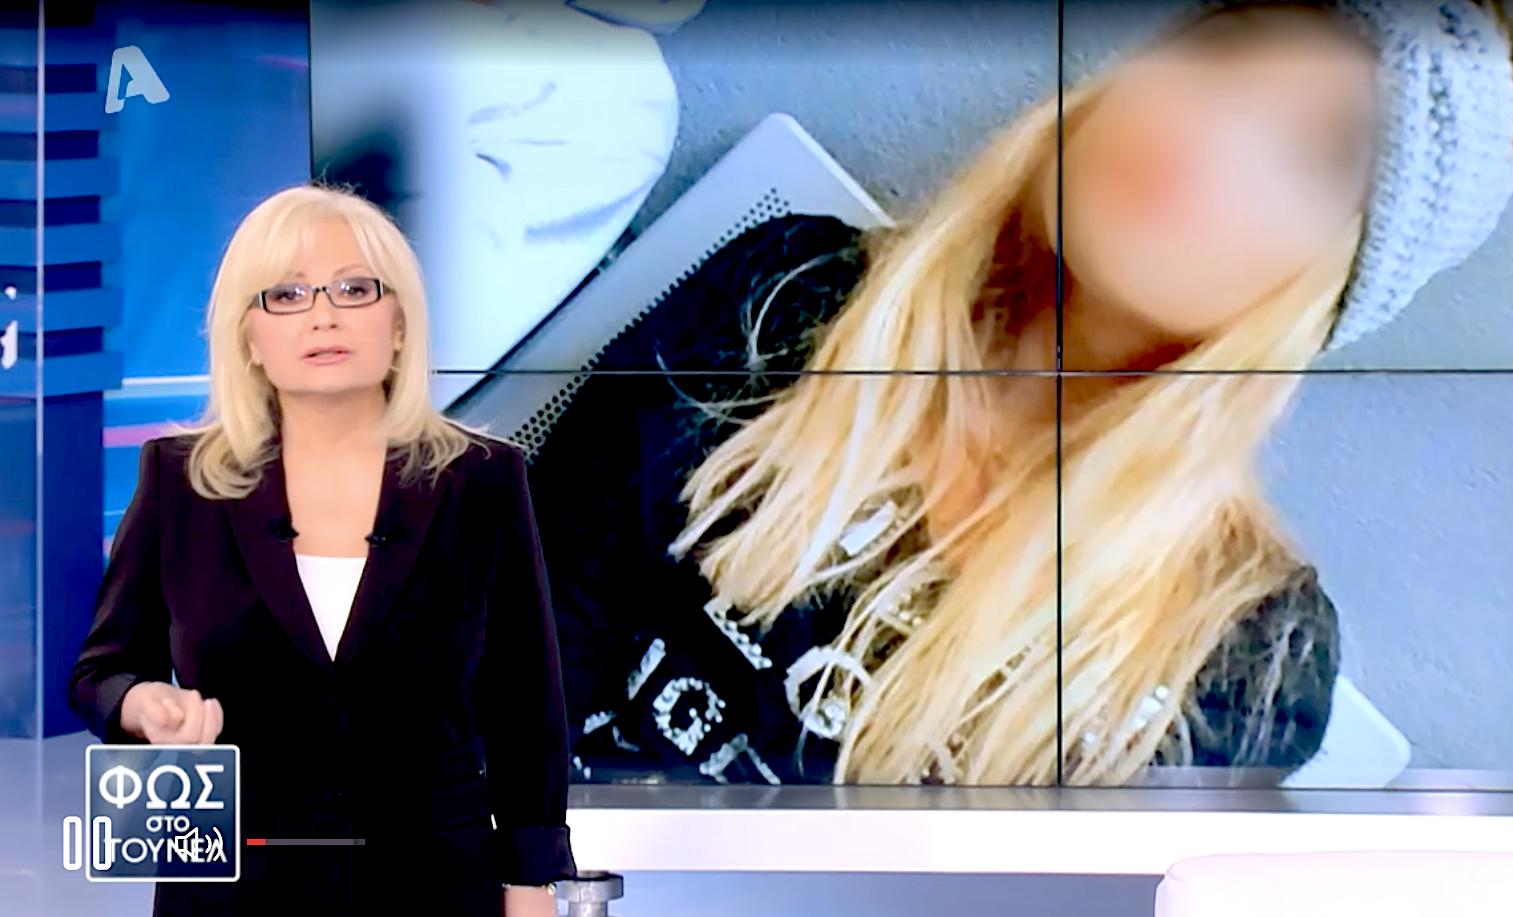 «Φως στο Τούνελ» VS  «Στο σπίτι με τη Δήμητρα Γαλάνη»: Ποιος βγήκε νικητής στη μάχη της τηλεθέασης;